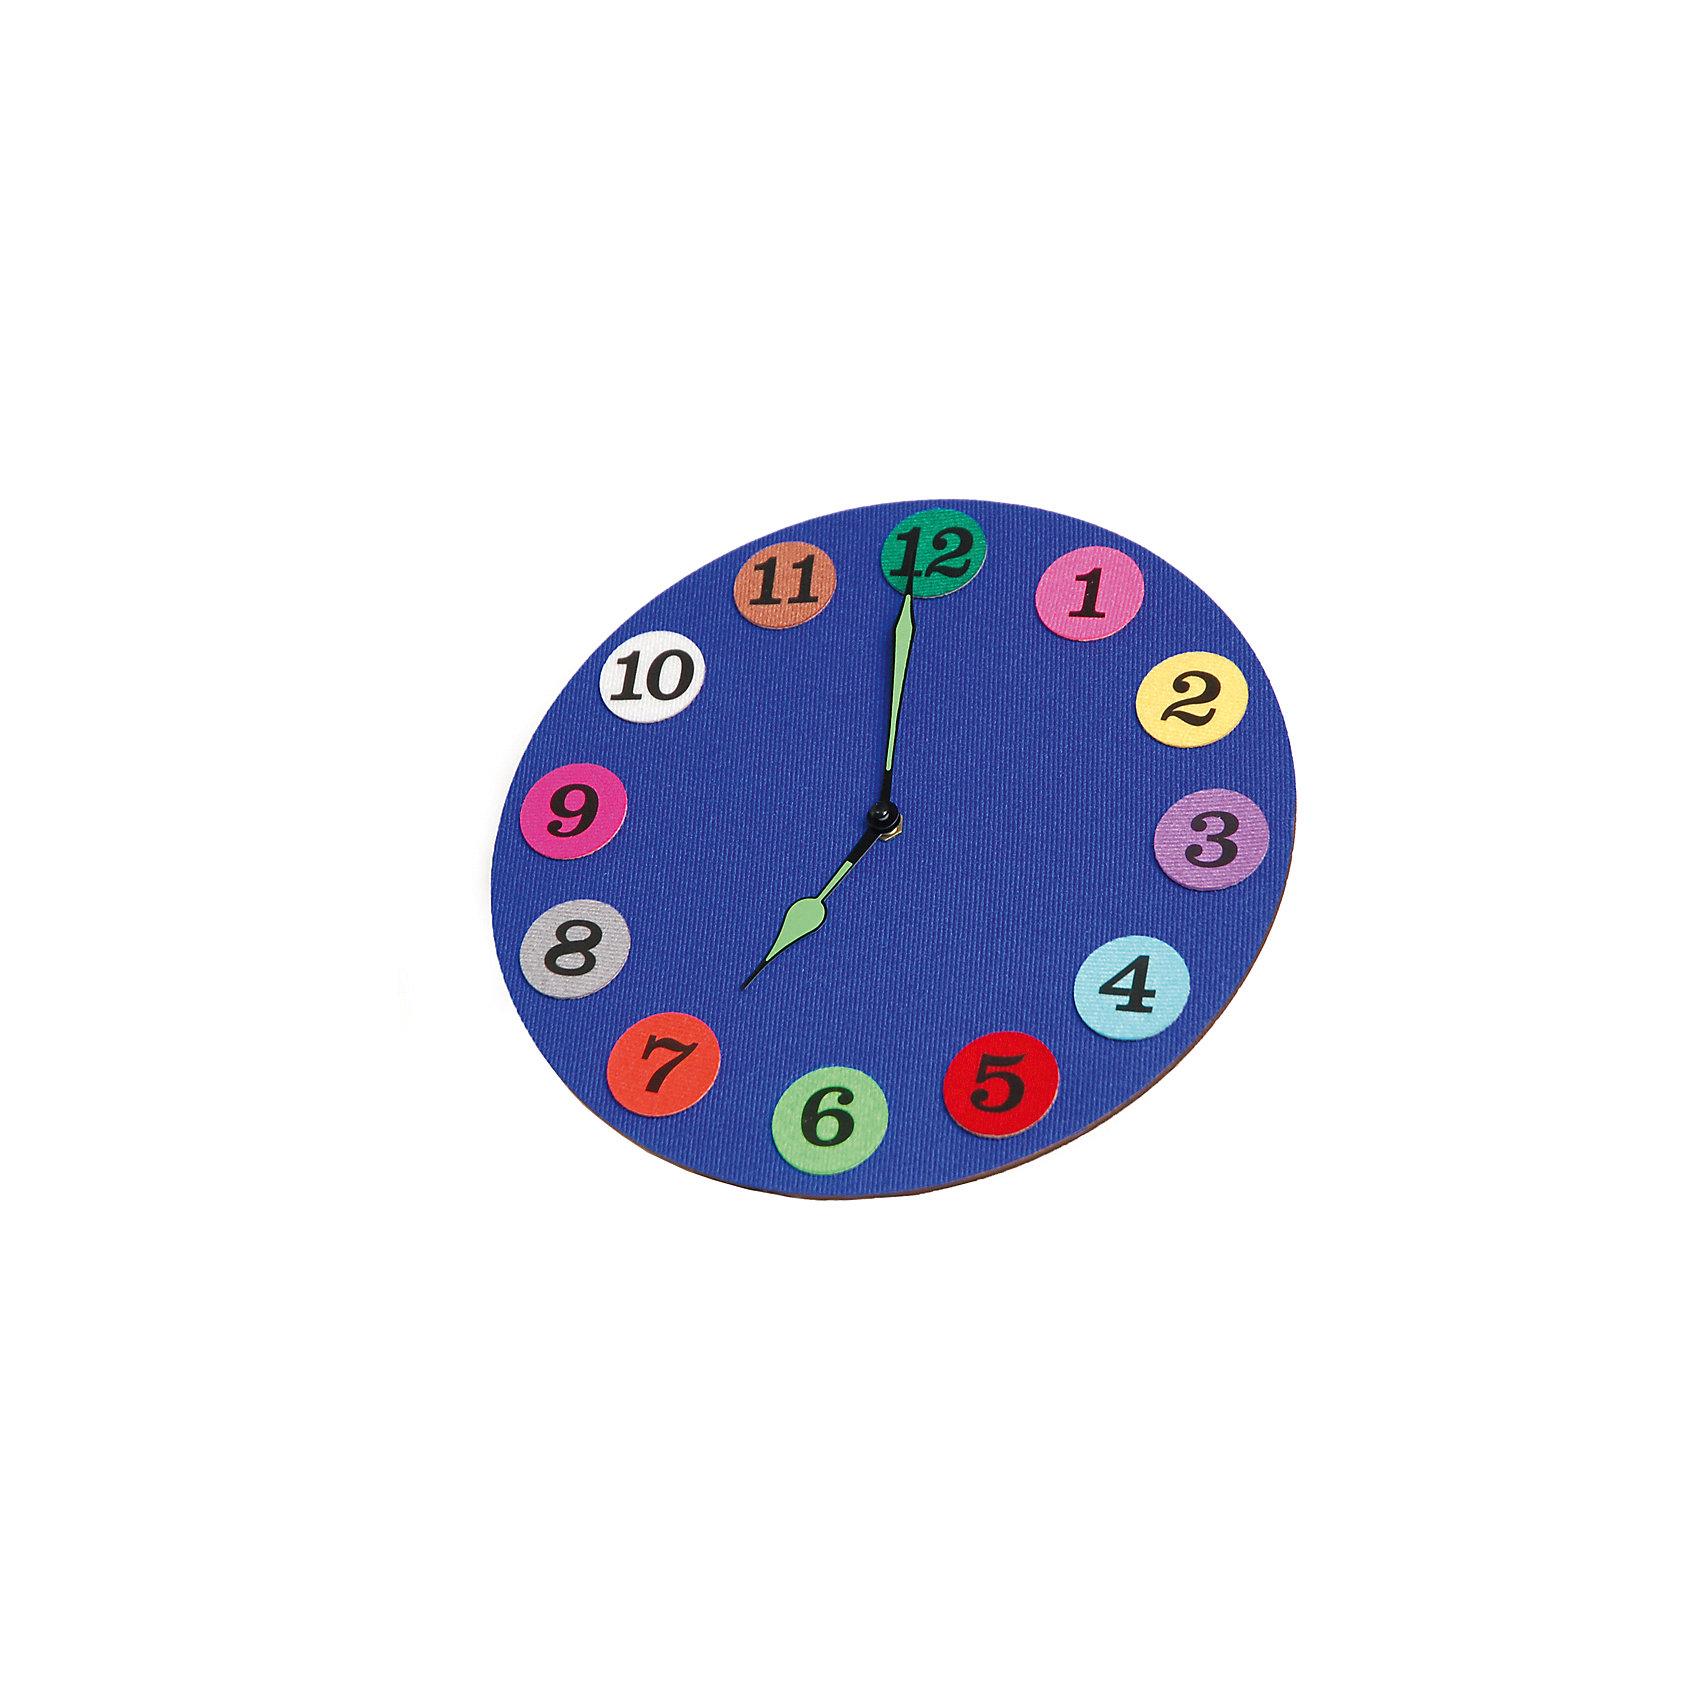 Стигисы Часы с мамойКниги для развития мышления<br>Часы с мамой – развивающая игра, c помощью которой ребенок научится:<br><br>- считать  до 12;<br>- прикрепляя цифры к циферблату, изучит их написание;<br>- с легкостью научится определять время с точностью до получаса, используя только часовую стрелку;<br>- по мере роста, добавив минутную стрелку, научится пользоваться настоящими часами;<br>- сможет  сказать который час и названия цветов не только по-русски, но и по-английски.<br>В набор входит:<br>часовой механизм – 1 шт.;<br>деревянный циферблат – 1 шт.;<br>кружочки с цифрами из плотной трехслойной ткани на липучках – 12 шт.;<br>часовая и минутная стрелки;<br>сборник методических рекомендаций по изучению времени на русском языке, а также обучению цифрам, цветам и времени на английском языке;<br>инструкция по сборке часов.<br><br>Ширина мм: 27<br>Глубина мм: 27<br>Высота мм: 4<br>Вес г: 270<br>Возраст от месяцев: 48<br>Возраст до месяцев: 84<br>Пол: Унисекс<br>Возраст: Детский<br>SKU: 5543121